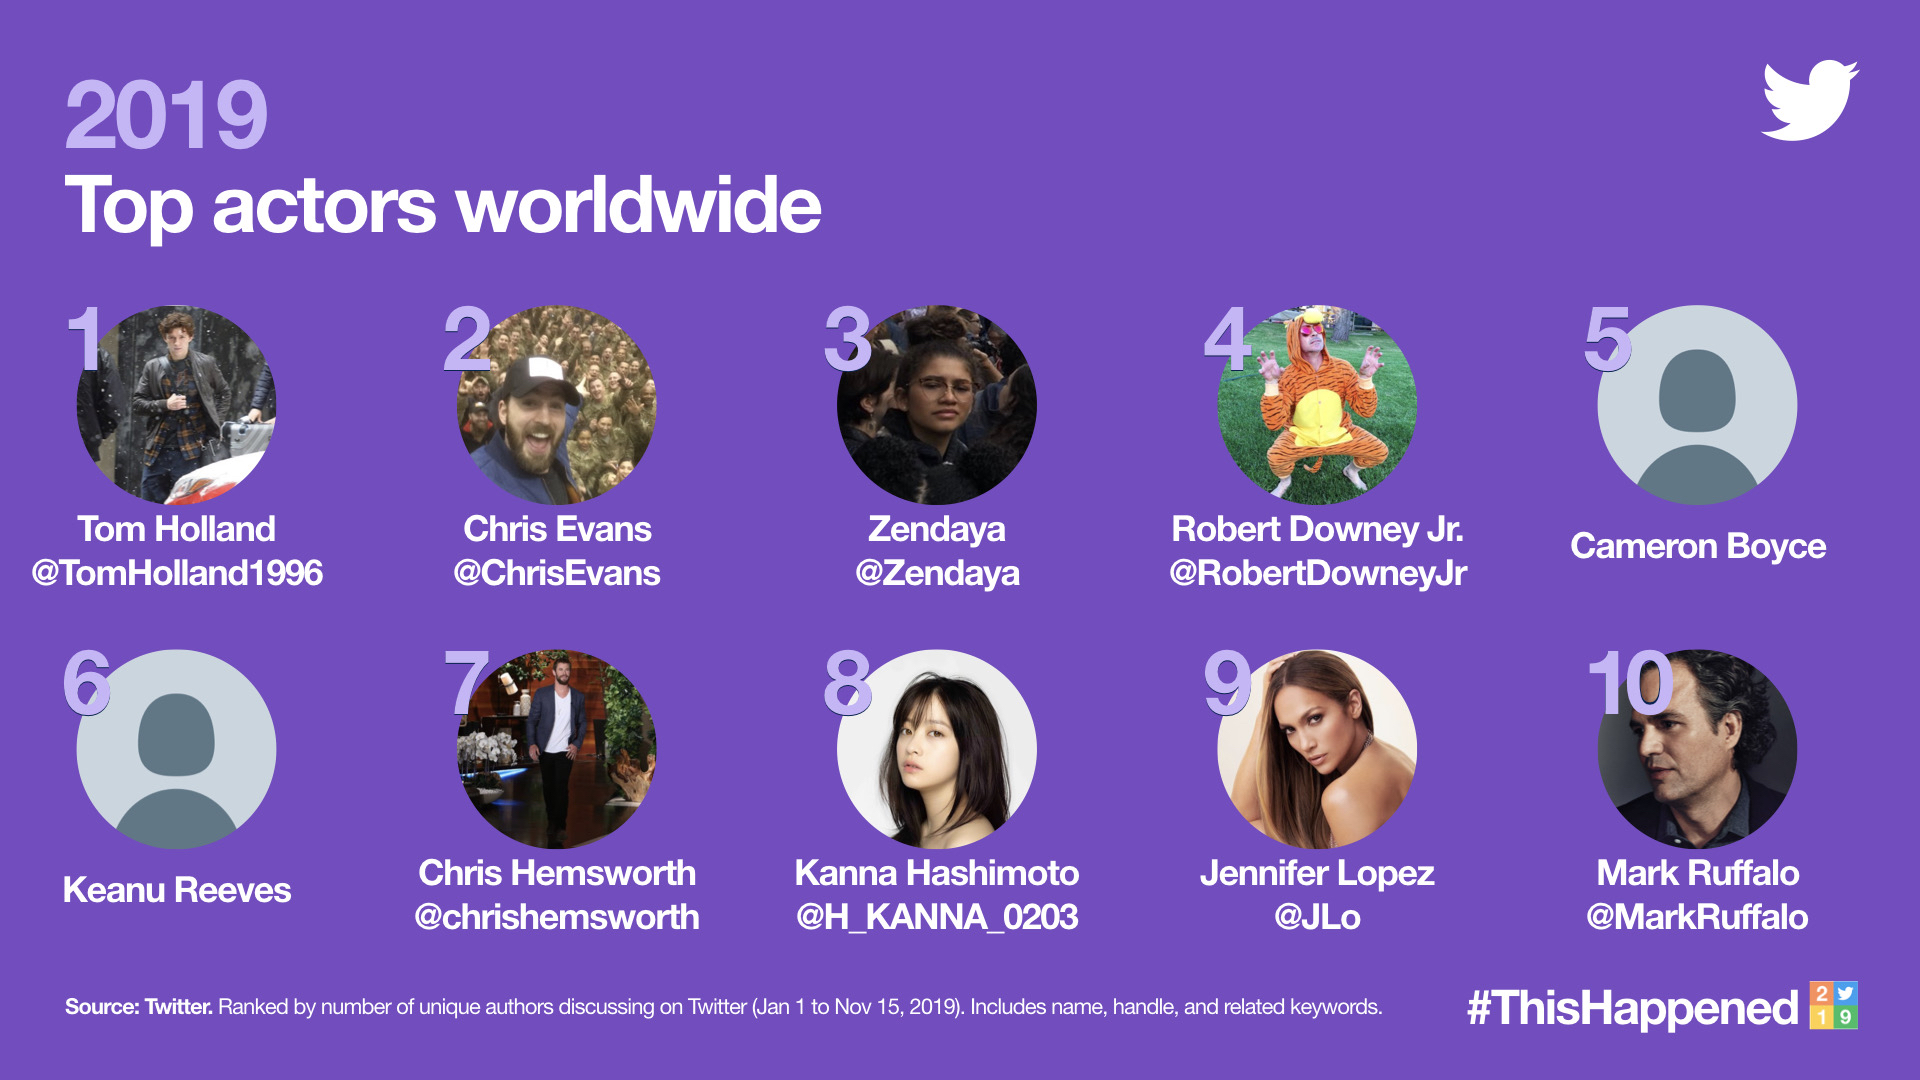 橋本環奈、世界のトップ10俳優ランキングに入る